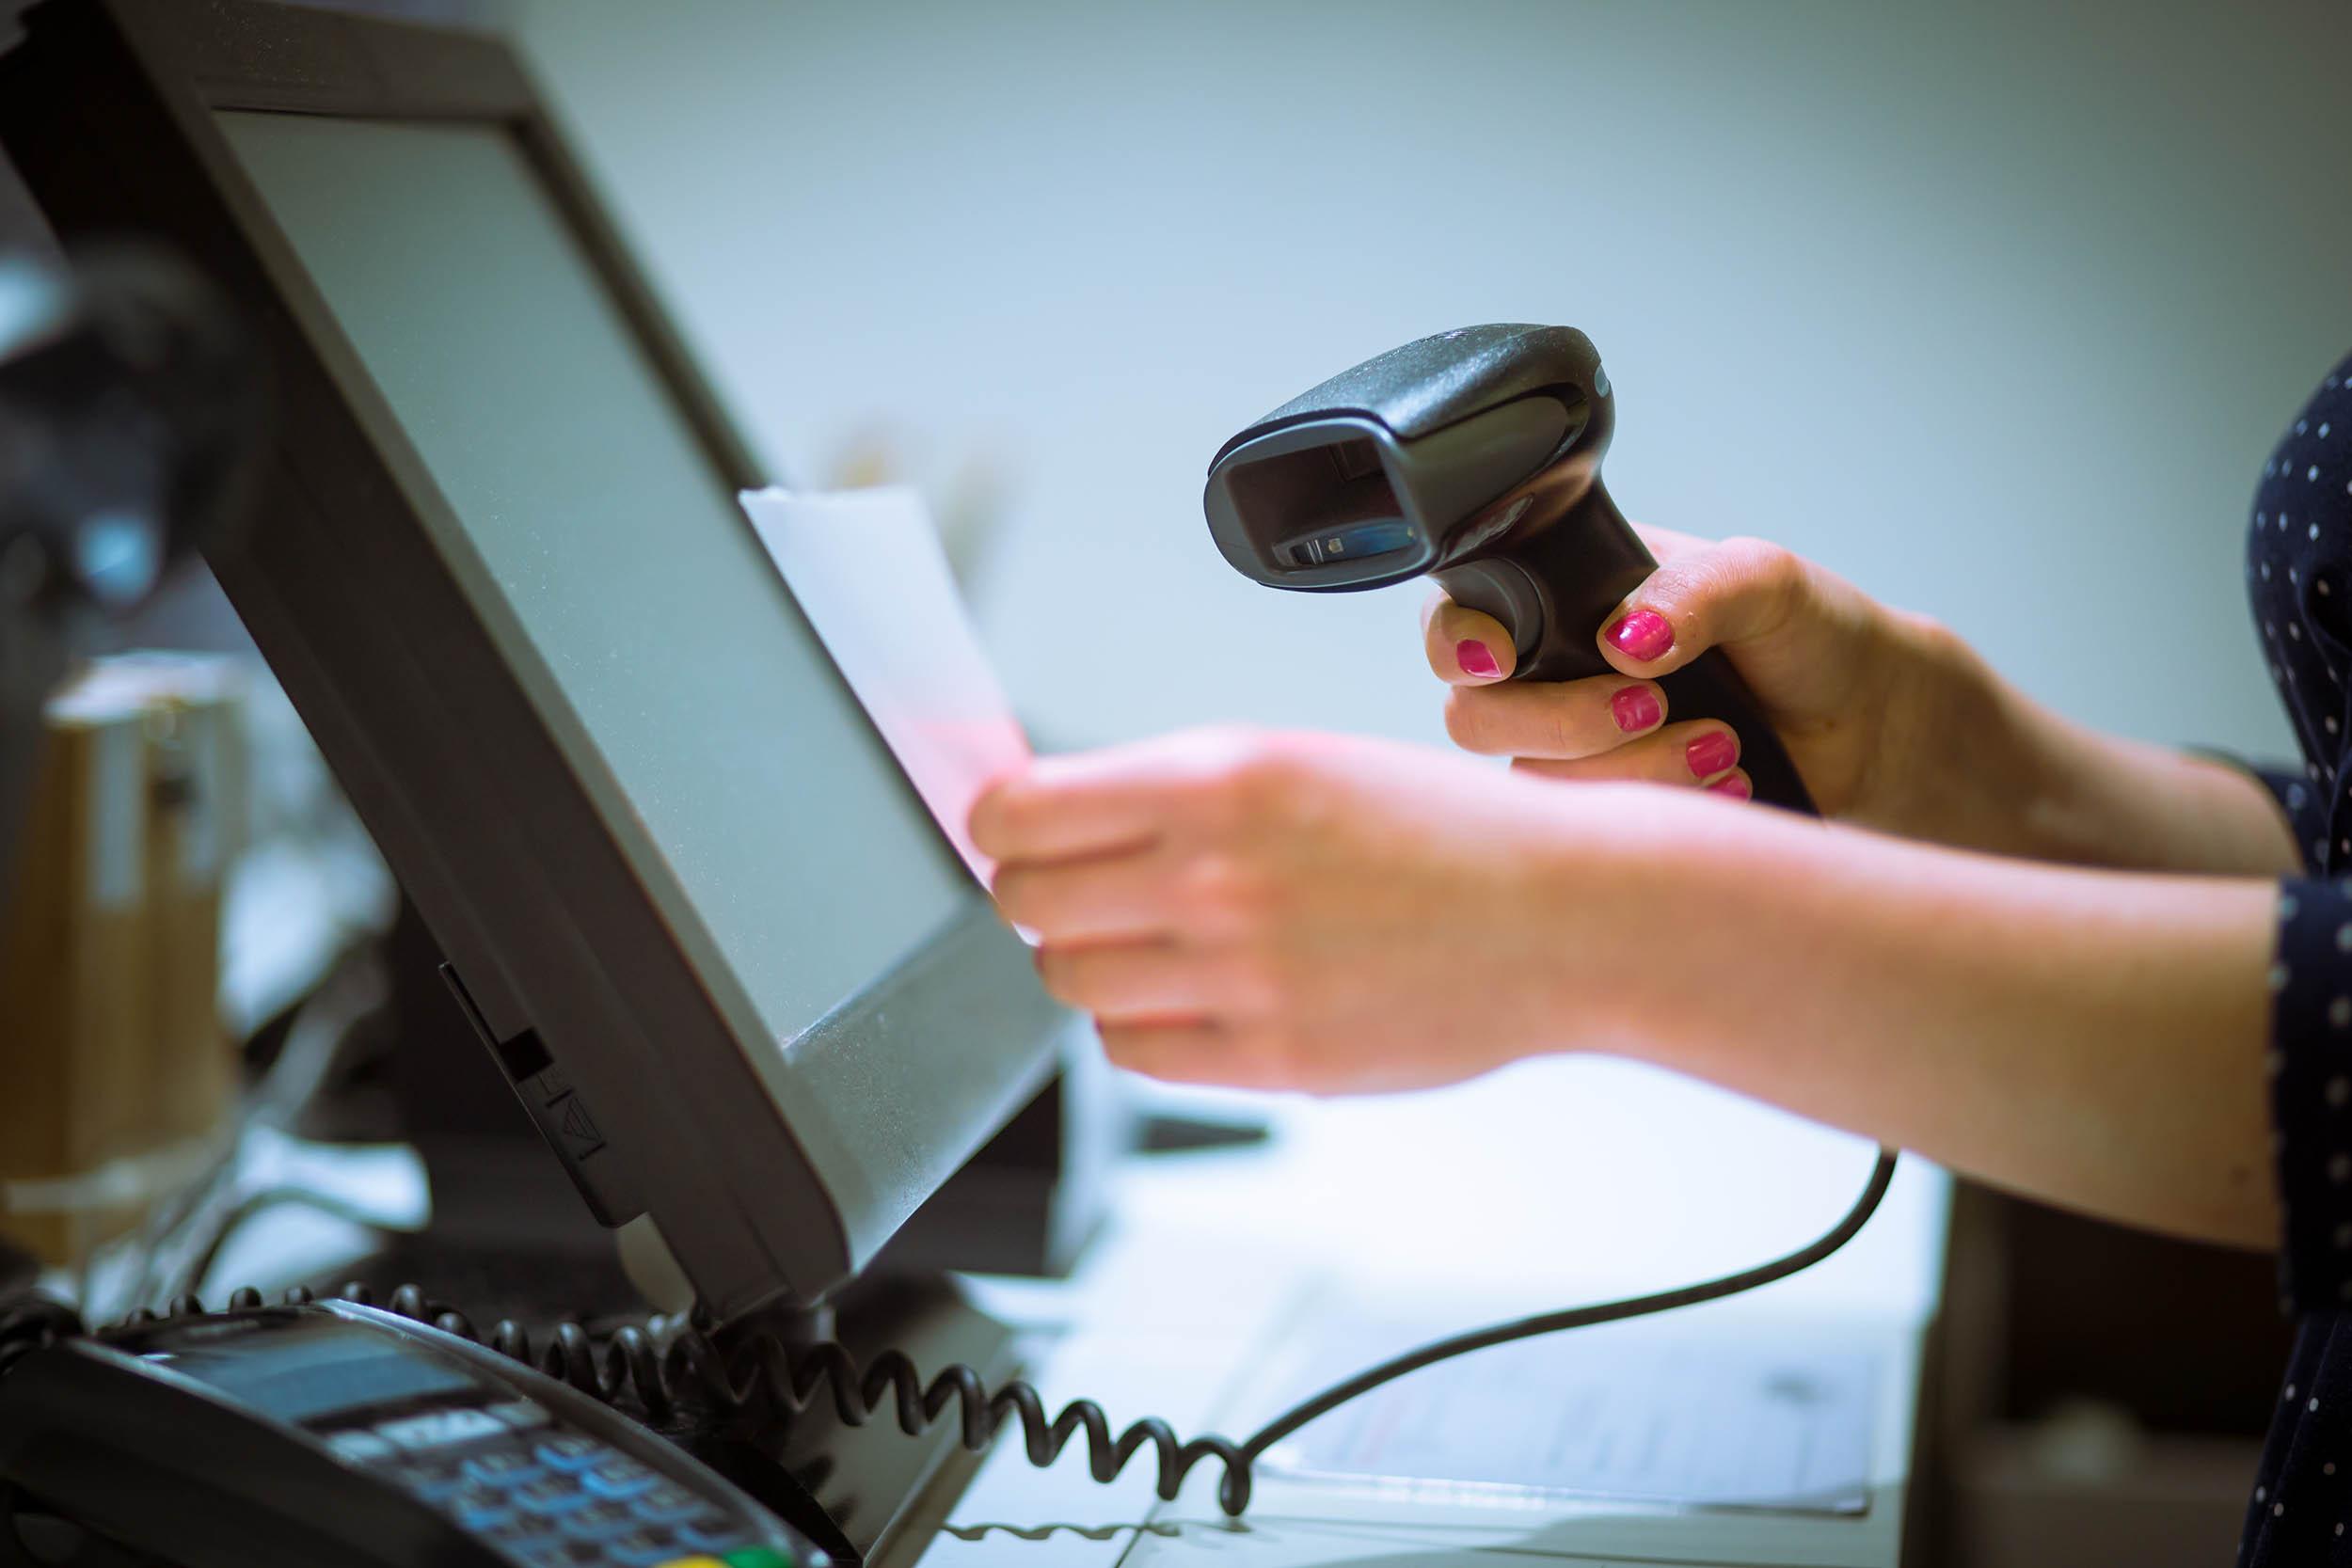 La imagen puede contener: Persona, Videojuegos, Electrónica, Computadora, Mesa, Muebles, Escritorio, Fotografía, Pantalla, Monitor, Pantalla LCD, Pc, Teclado, Teclado, Hardware, Hardware, Dedo, Mano, Mujer, Texto, Joystick, Microscopio, Cámara, Profesor, Ratón, Teléfono, Retrato, Muñeca, Robot, Trabajador, Cámara web, Proyector, Control remoto, Médico, Teléfono de marcado, Marcador, Cáliz, Tarjeta de crédito, Limpieza, Ipod, Entrevista, Cableado, Niña, Tableta, Píldora, Brazo, Adaptador, dinero, reproductor de cassette, lente de cámara.